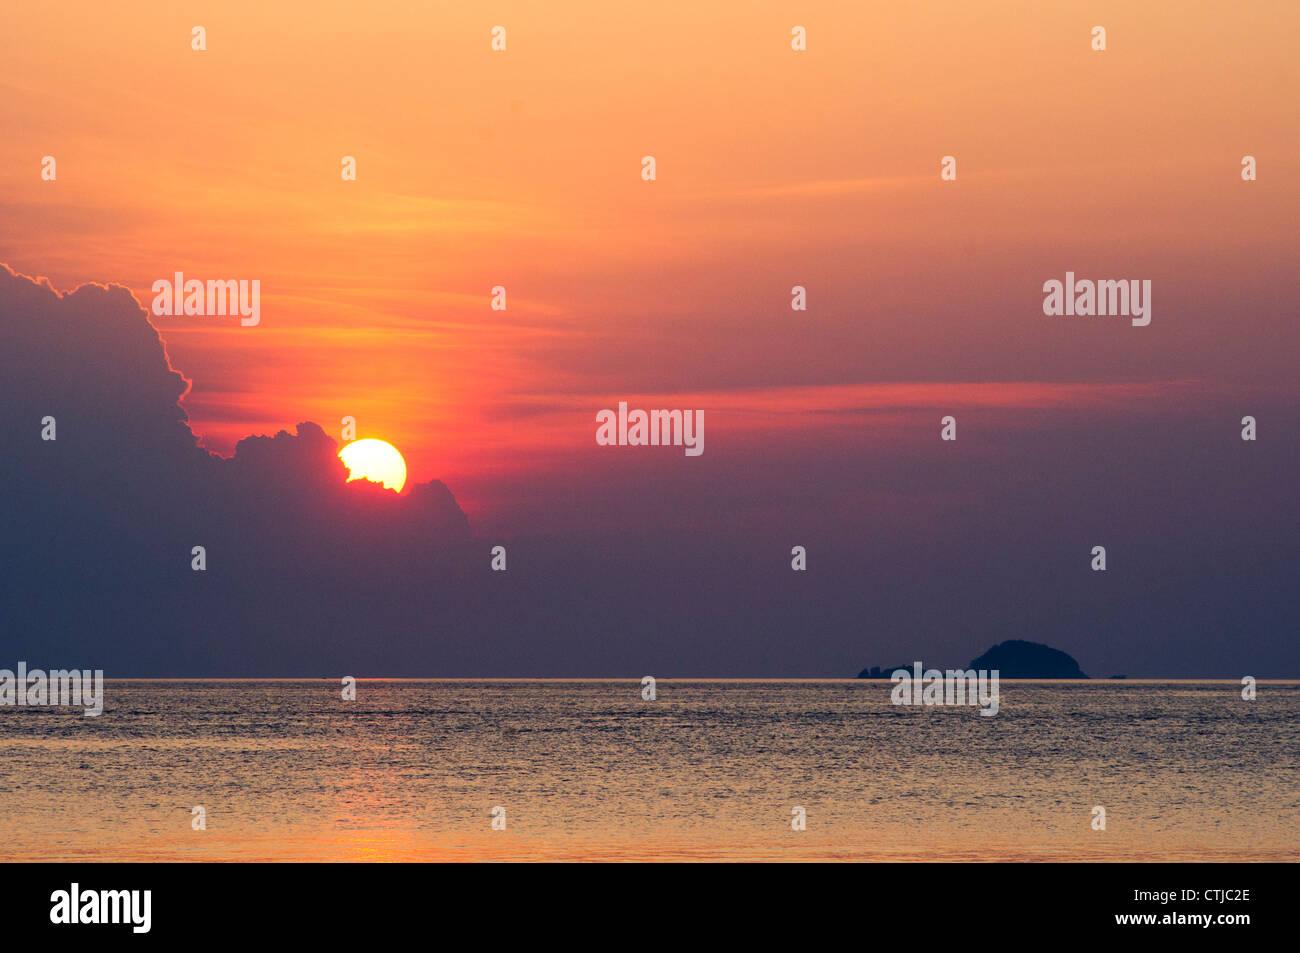 El atardecer en una isla tropical durante la marea baja, Pulau Tioman en Malasia Foto de stock